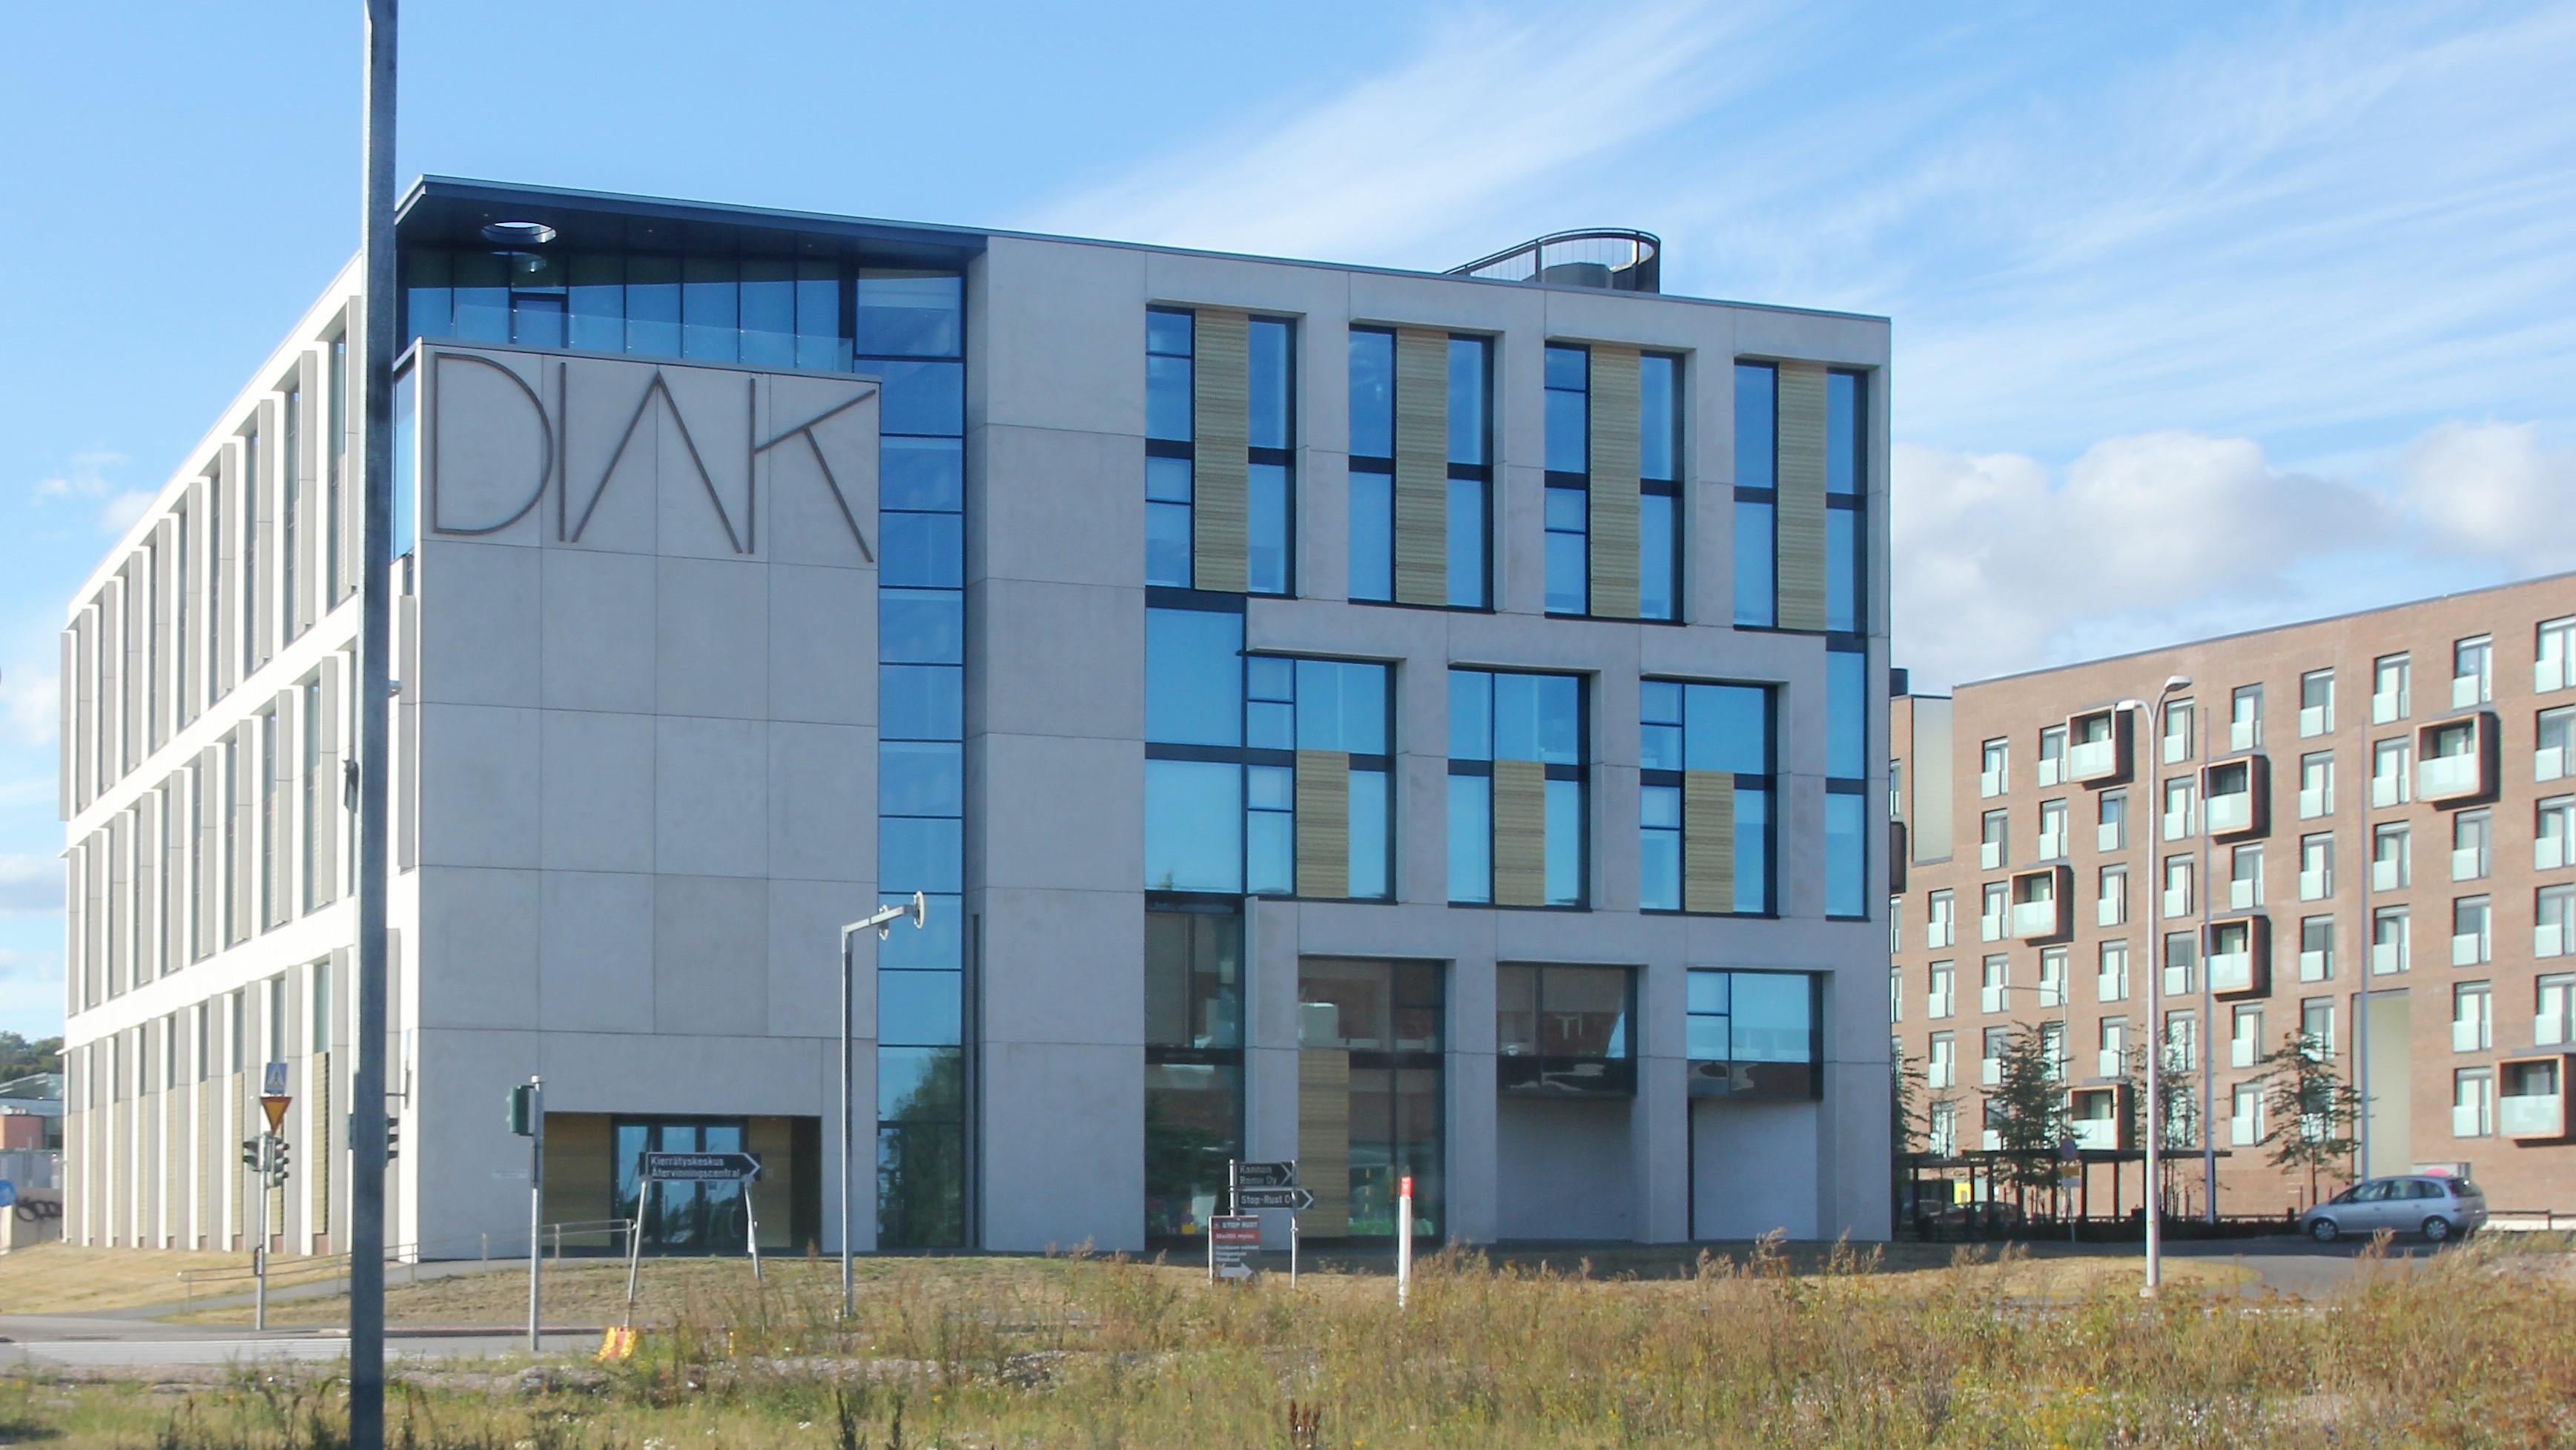 Kylasaari Helsinki Wikipedia